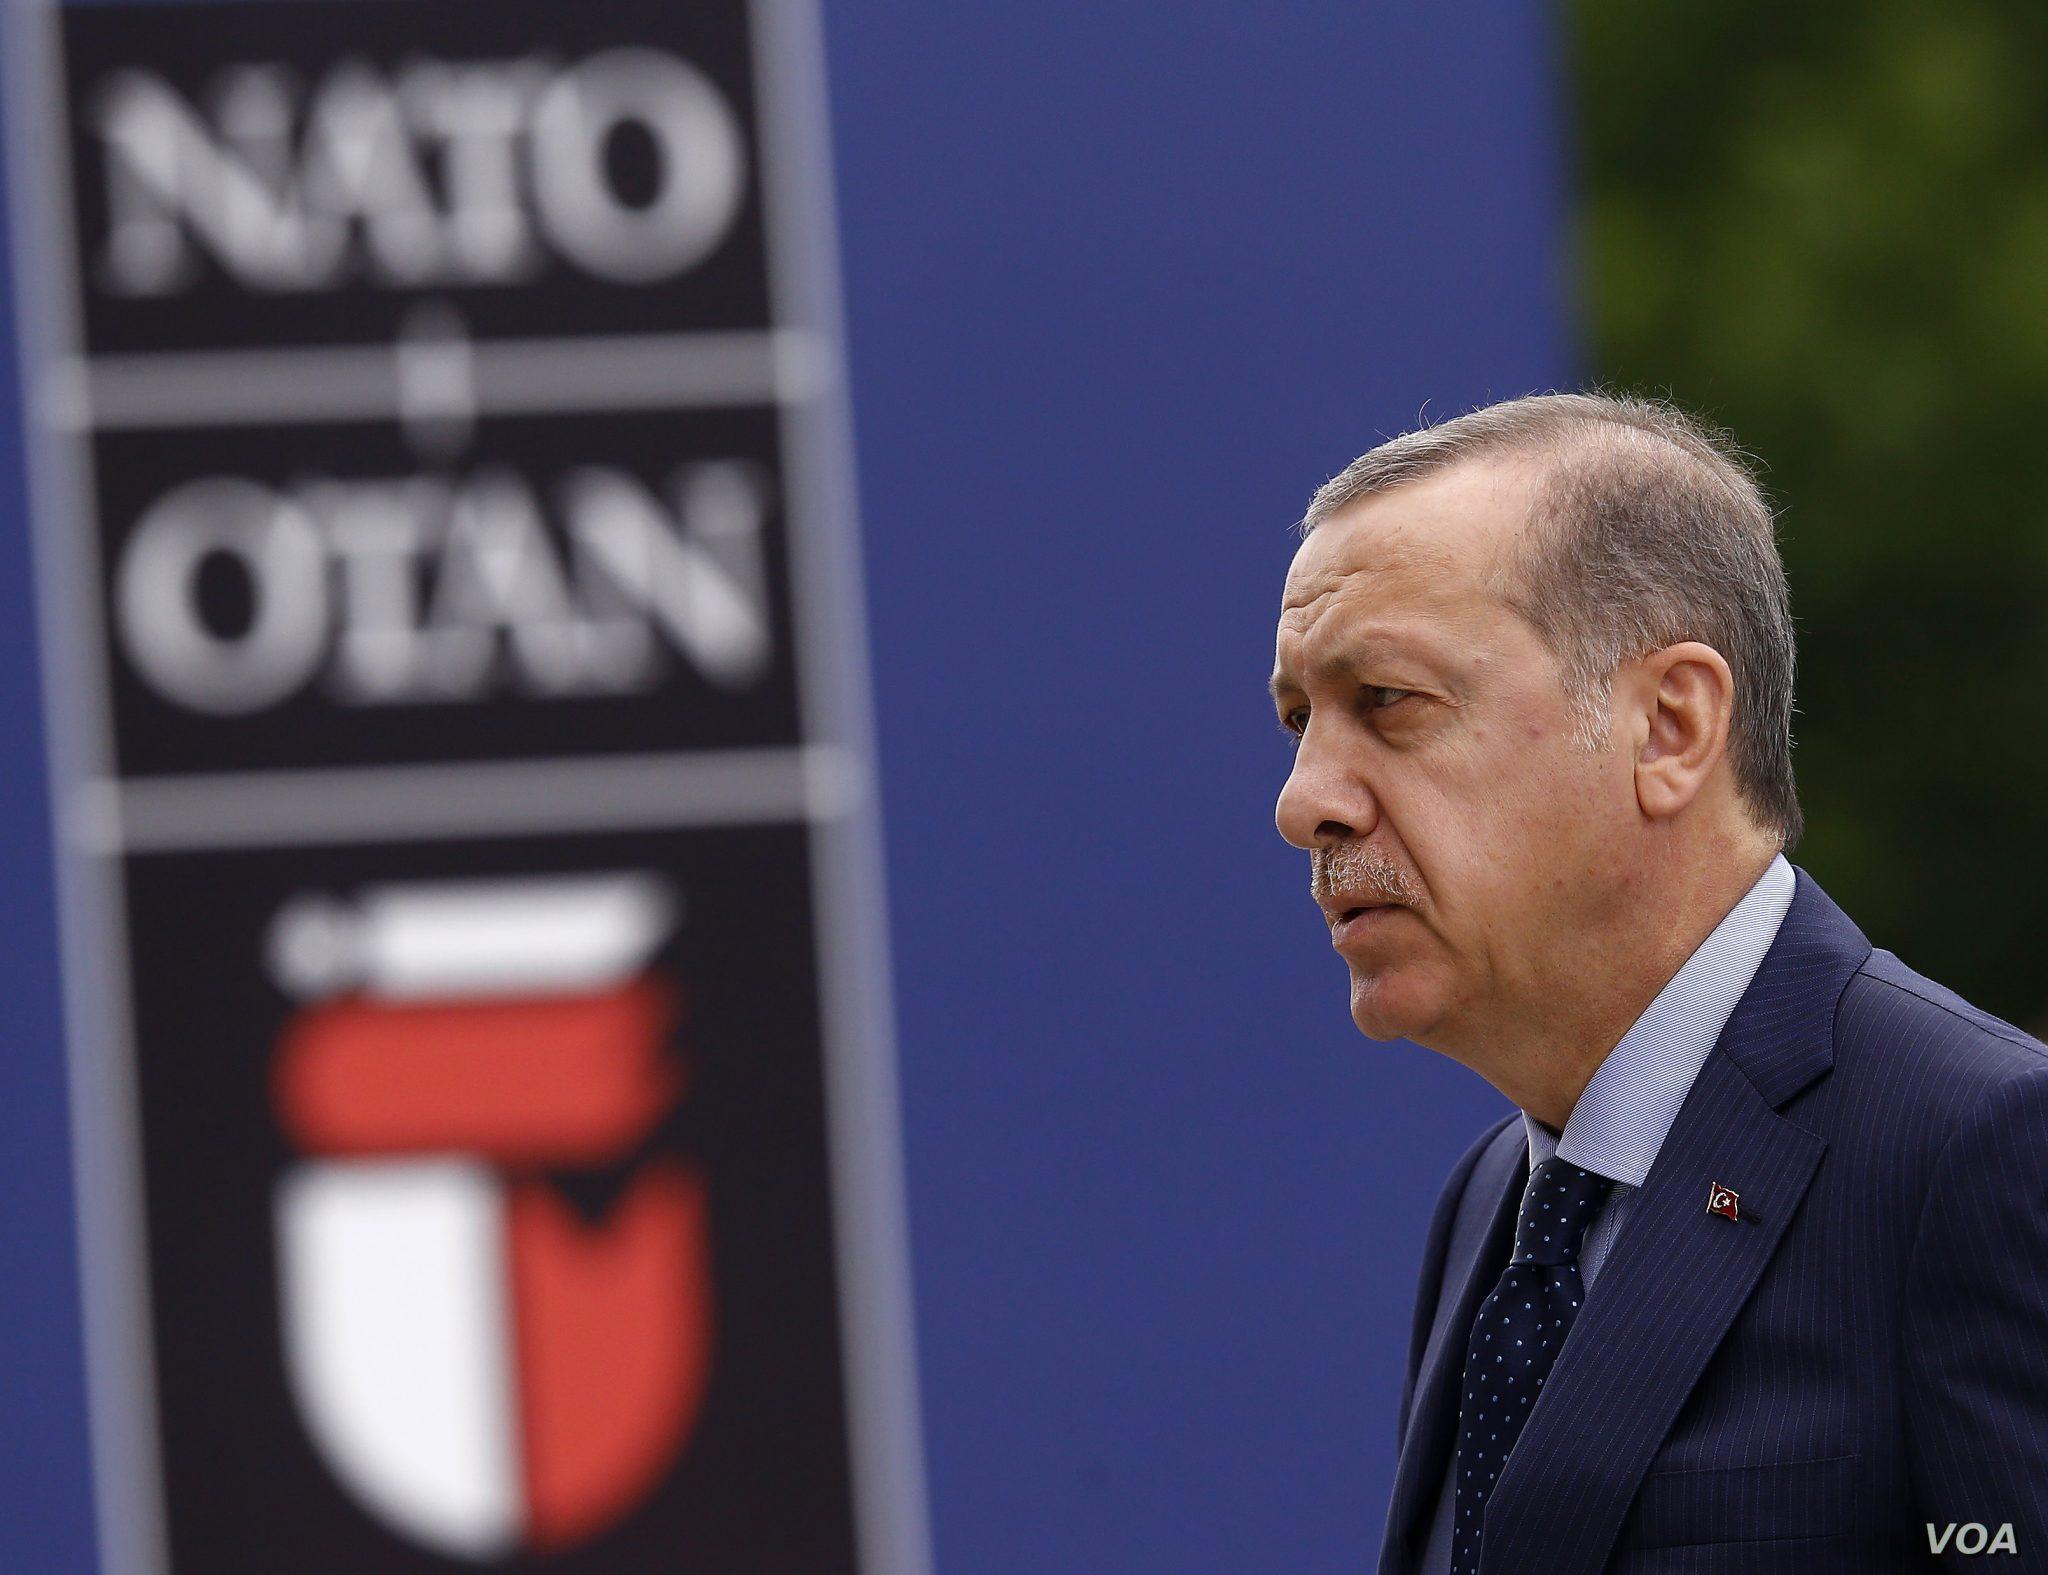 صورة تصريحات عسكرية عالمية للرئيس التركي- صورة